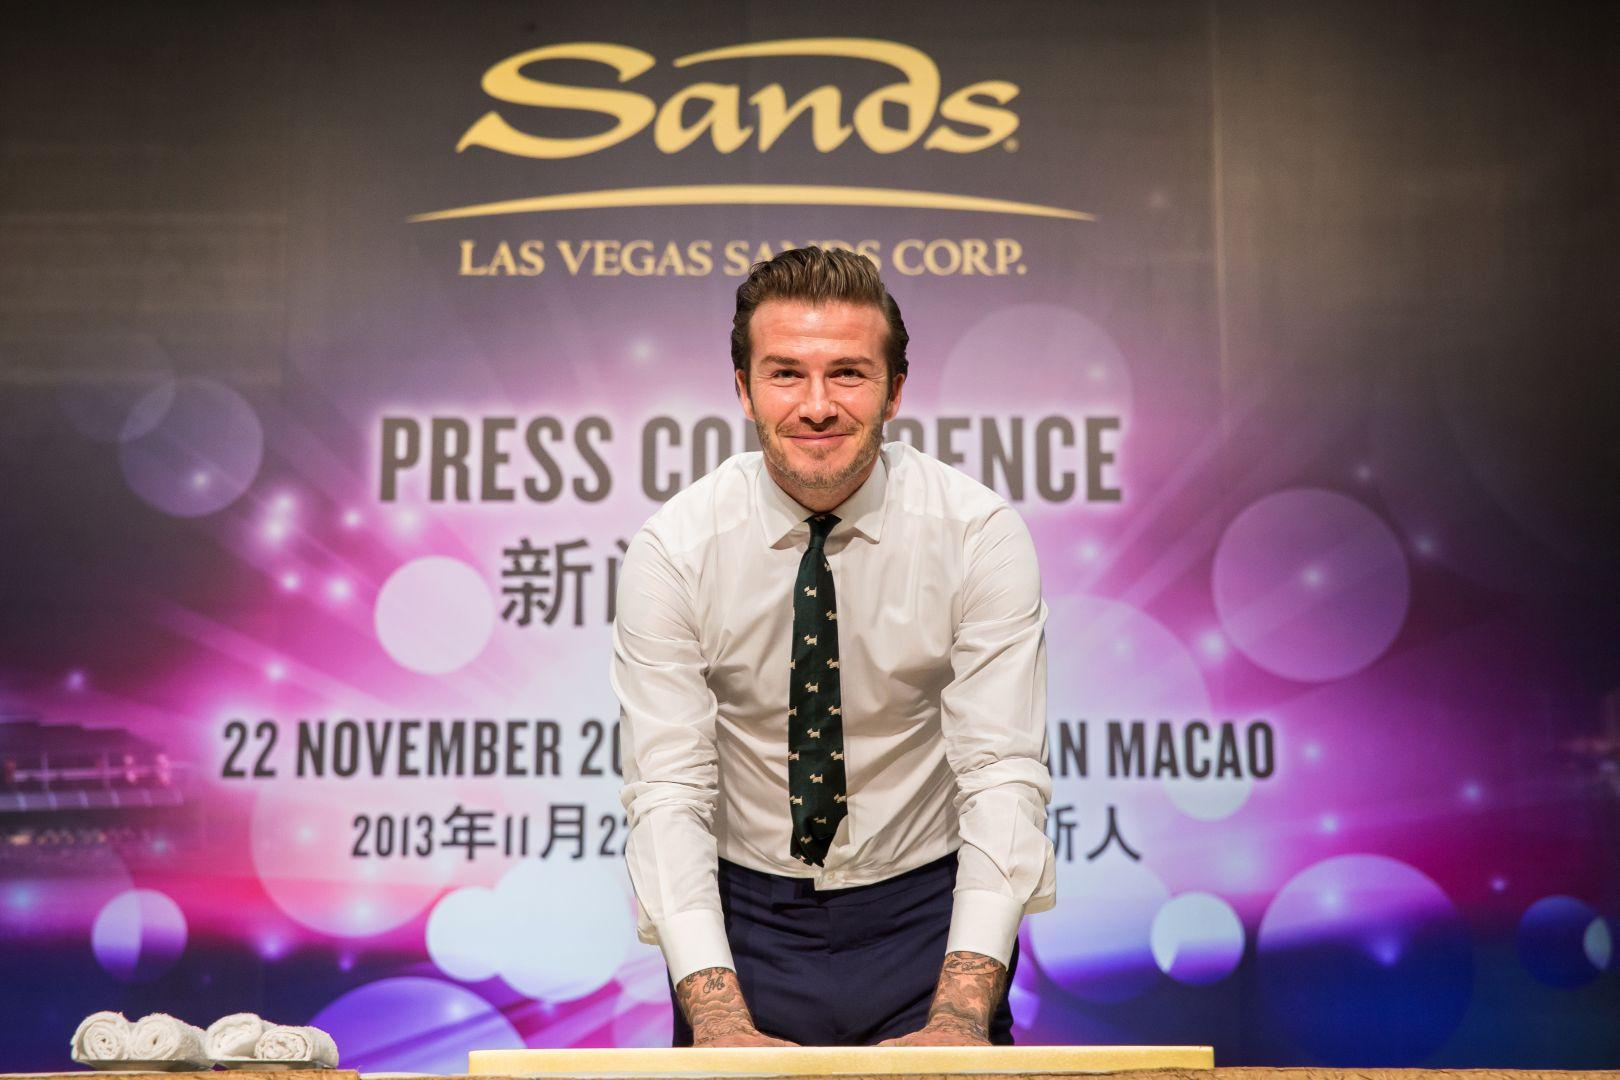 David Beckham ketika mengecap tangannya di acara konferensi pers bersama Las Vegas Sands di Macau. Foto: Las Vegas Sands.